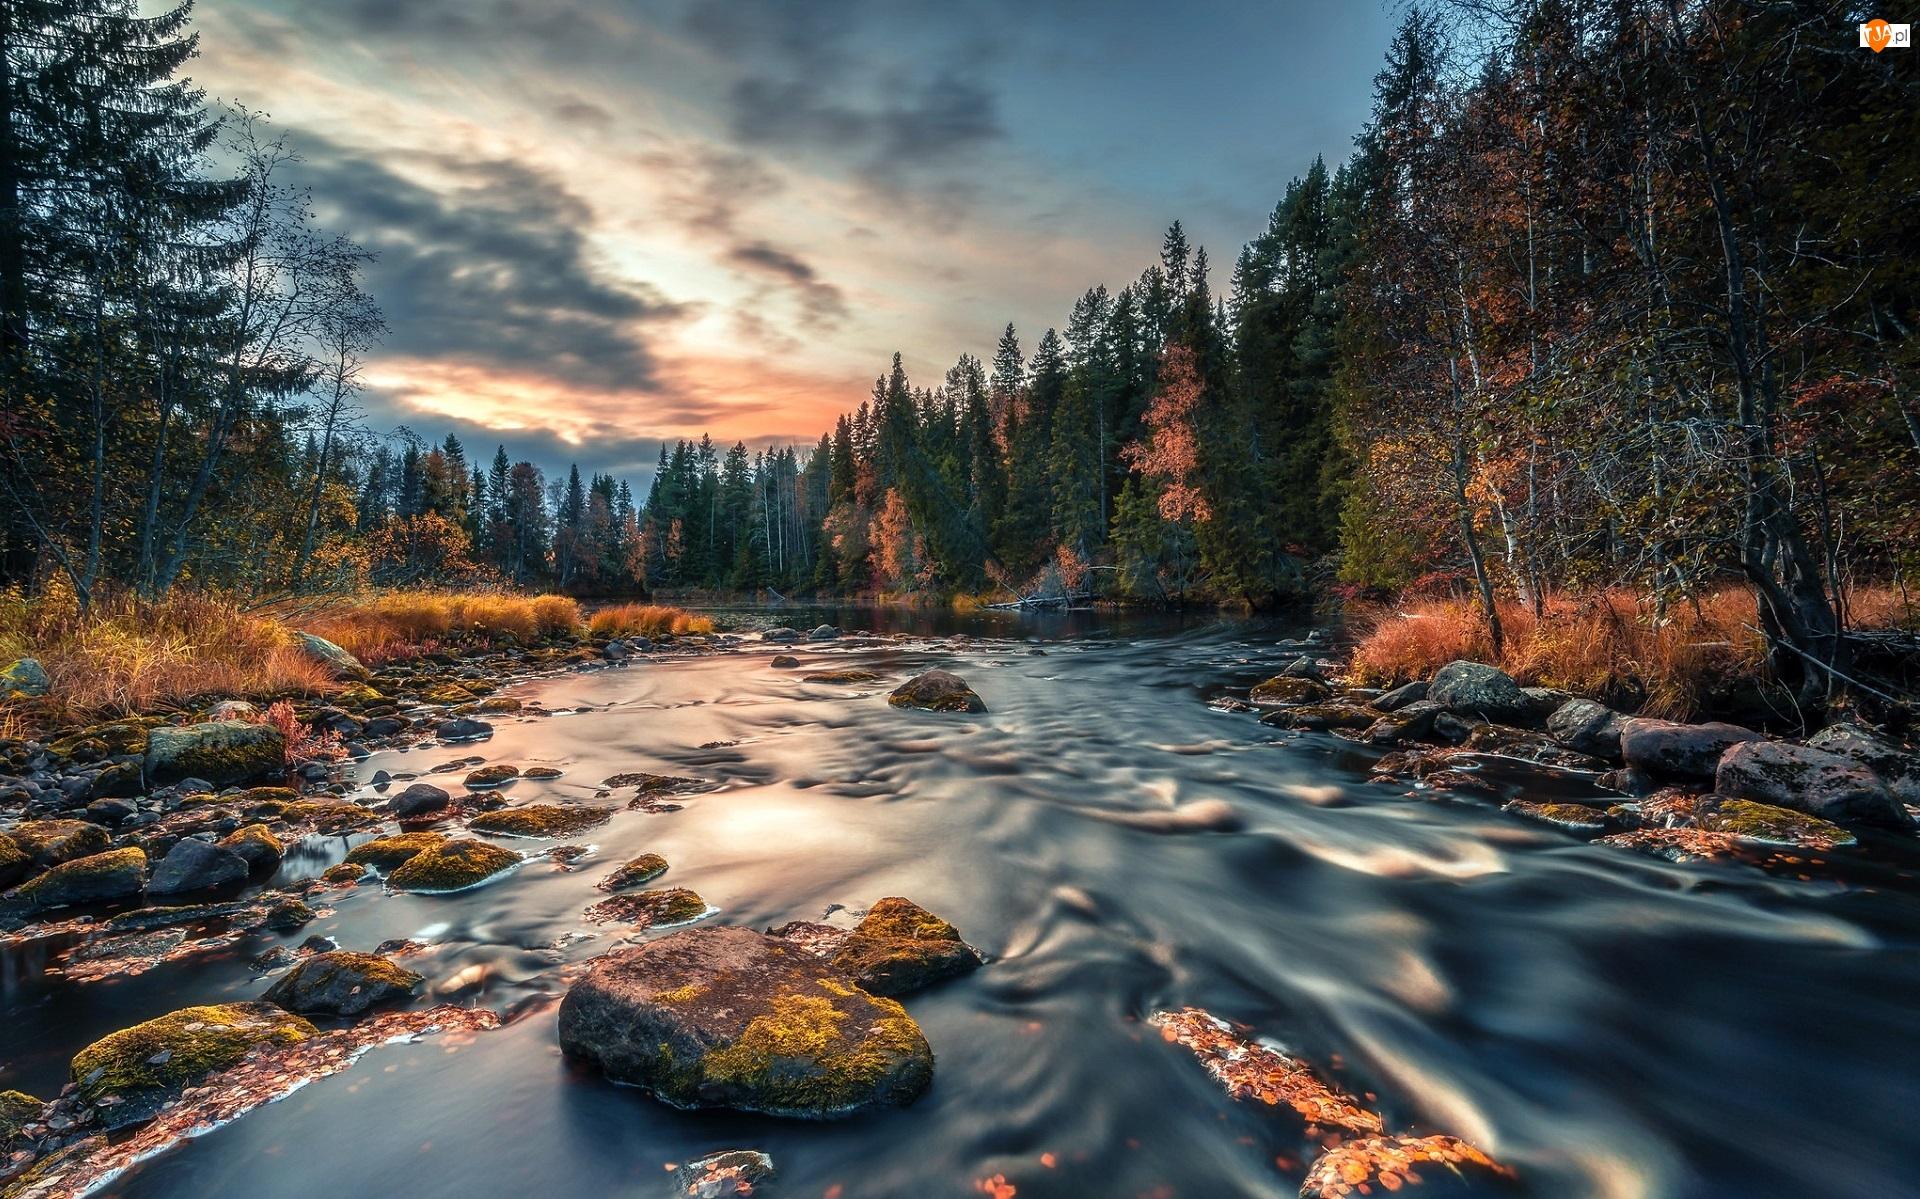 Las, Drzewa, Trawy, Jesień, Pożółkłe, Kamienie, Rzeka